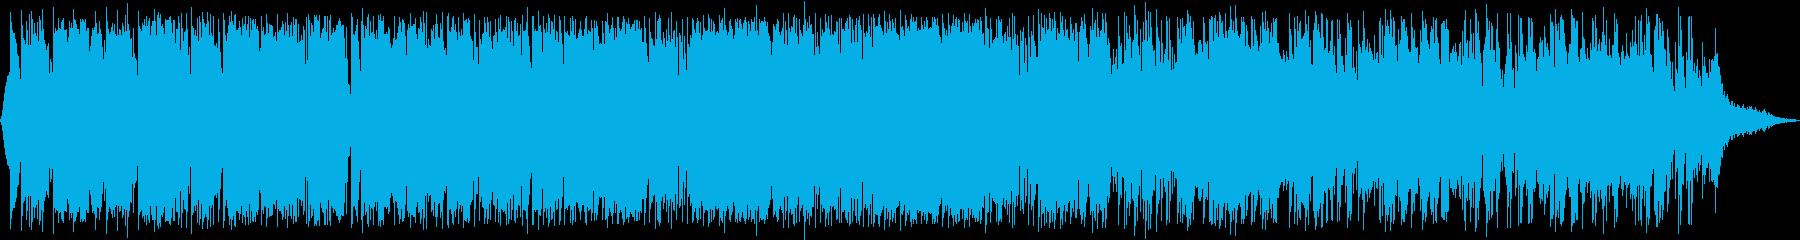 近未来感のあるテクスチャー音楽の再生済みの波形